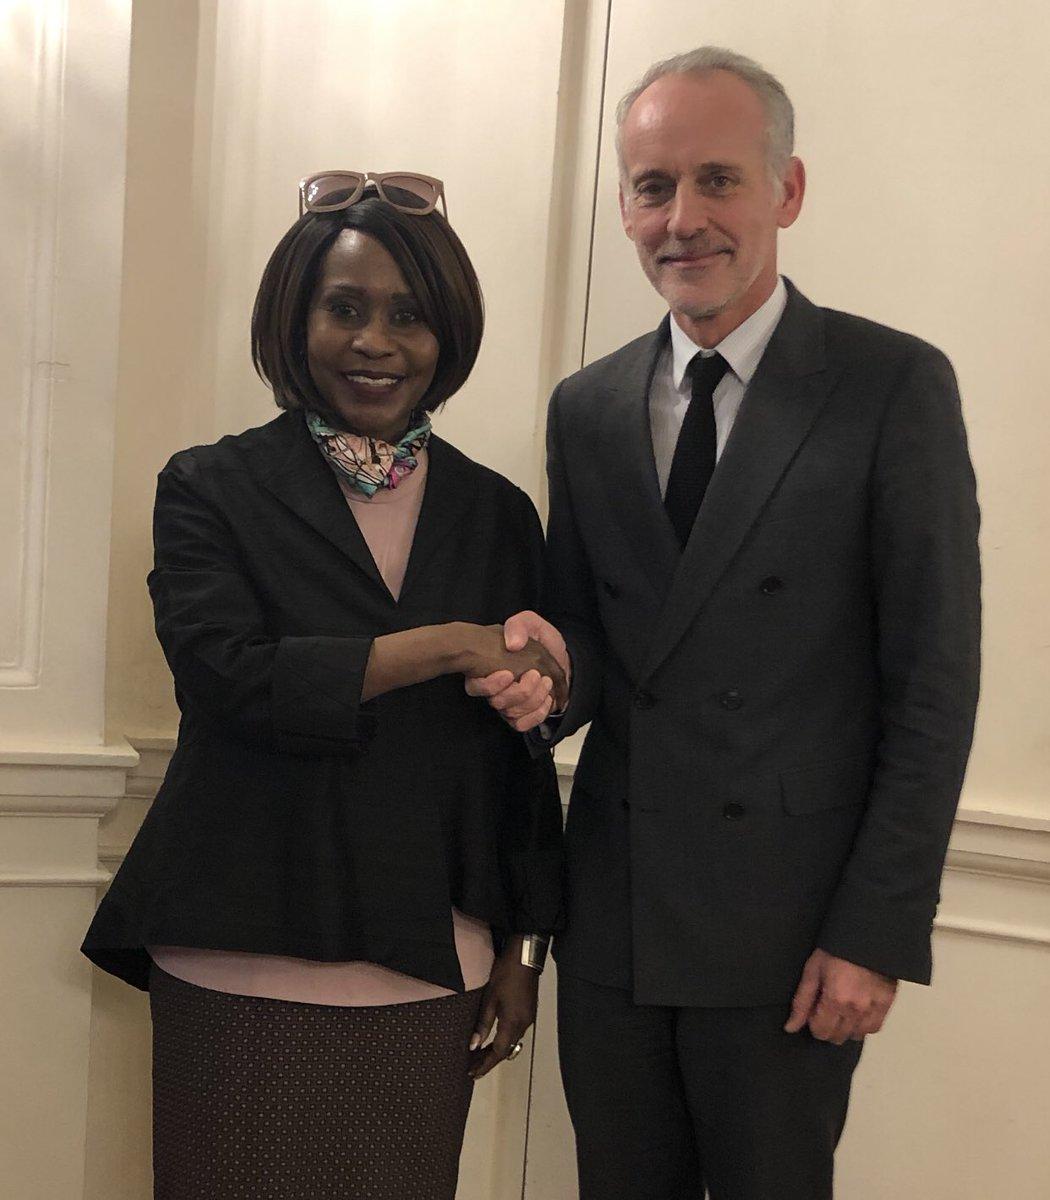 Félicitations à @JudiWakhungu, ambassadrice du Kenya 🇰🇪 en France 🇫🇷. Ministre de l'environnement en 2013, elle a fait passer une loi punissant de 20 millions de shillings et 20 ans de prison les braconniers d'#elephants et de #rhinoceros. Bilan: diminution de 80% du #braconnage!